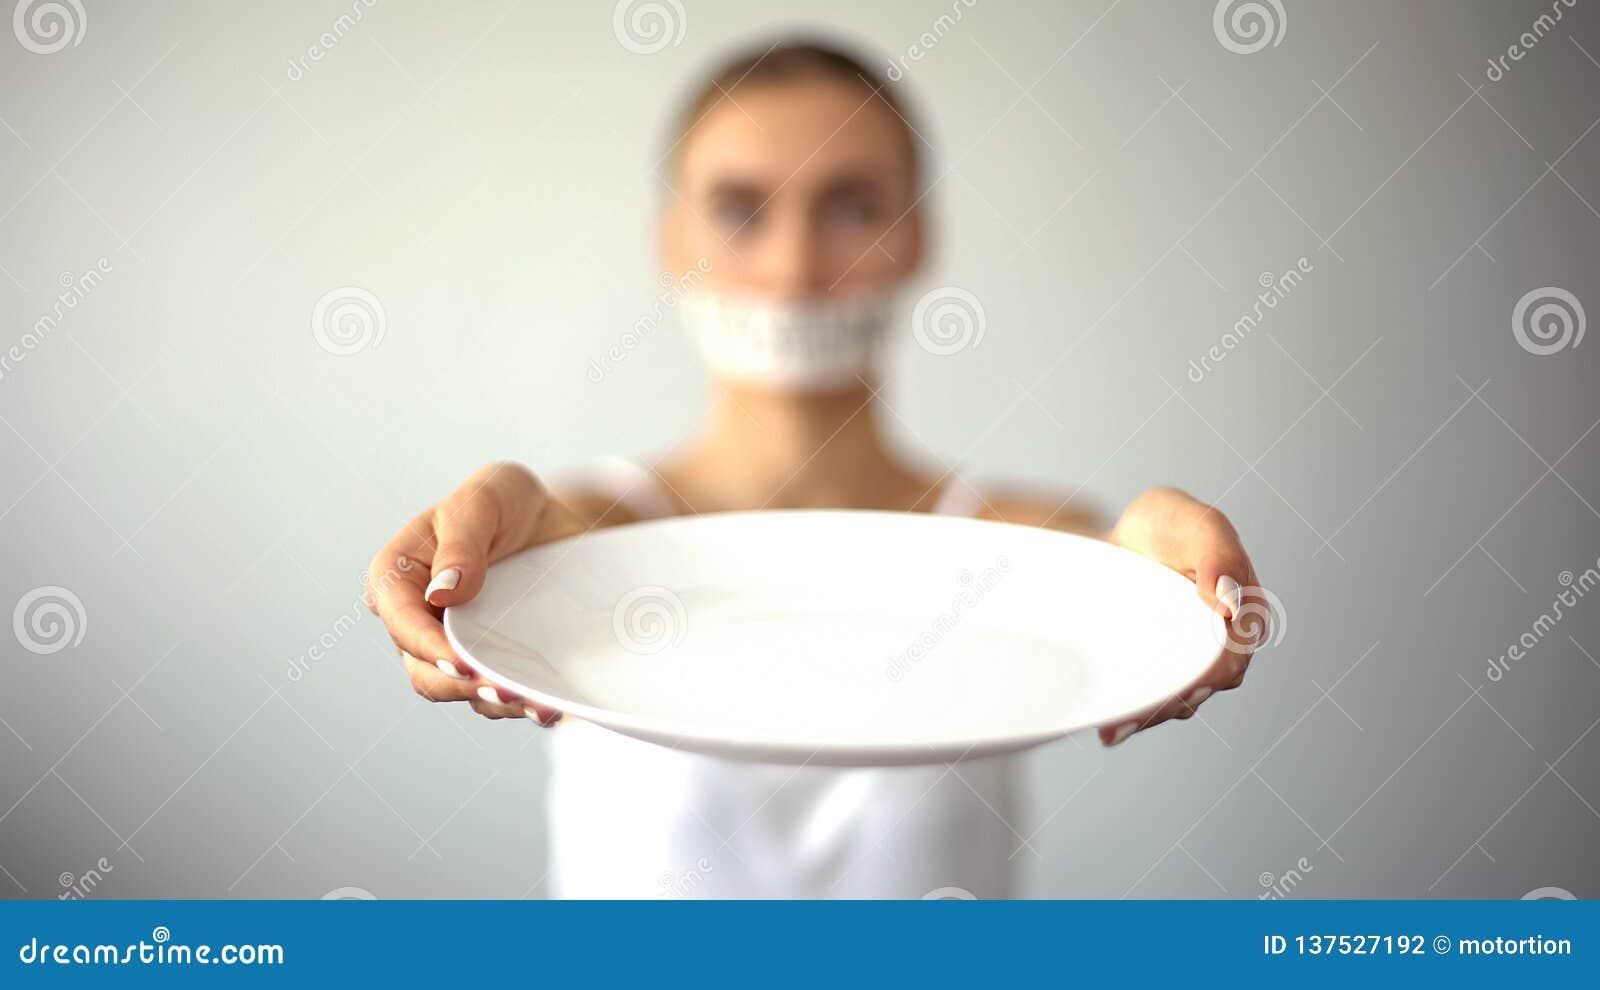 Μεμβρανοειδής γυναίκα με το δεμένο με ταινία στόμα που παρουσιάζει κενό πιάτο, έννοια της νηστείας, πείνα